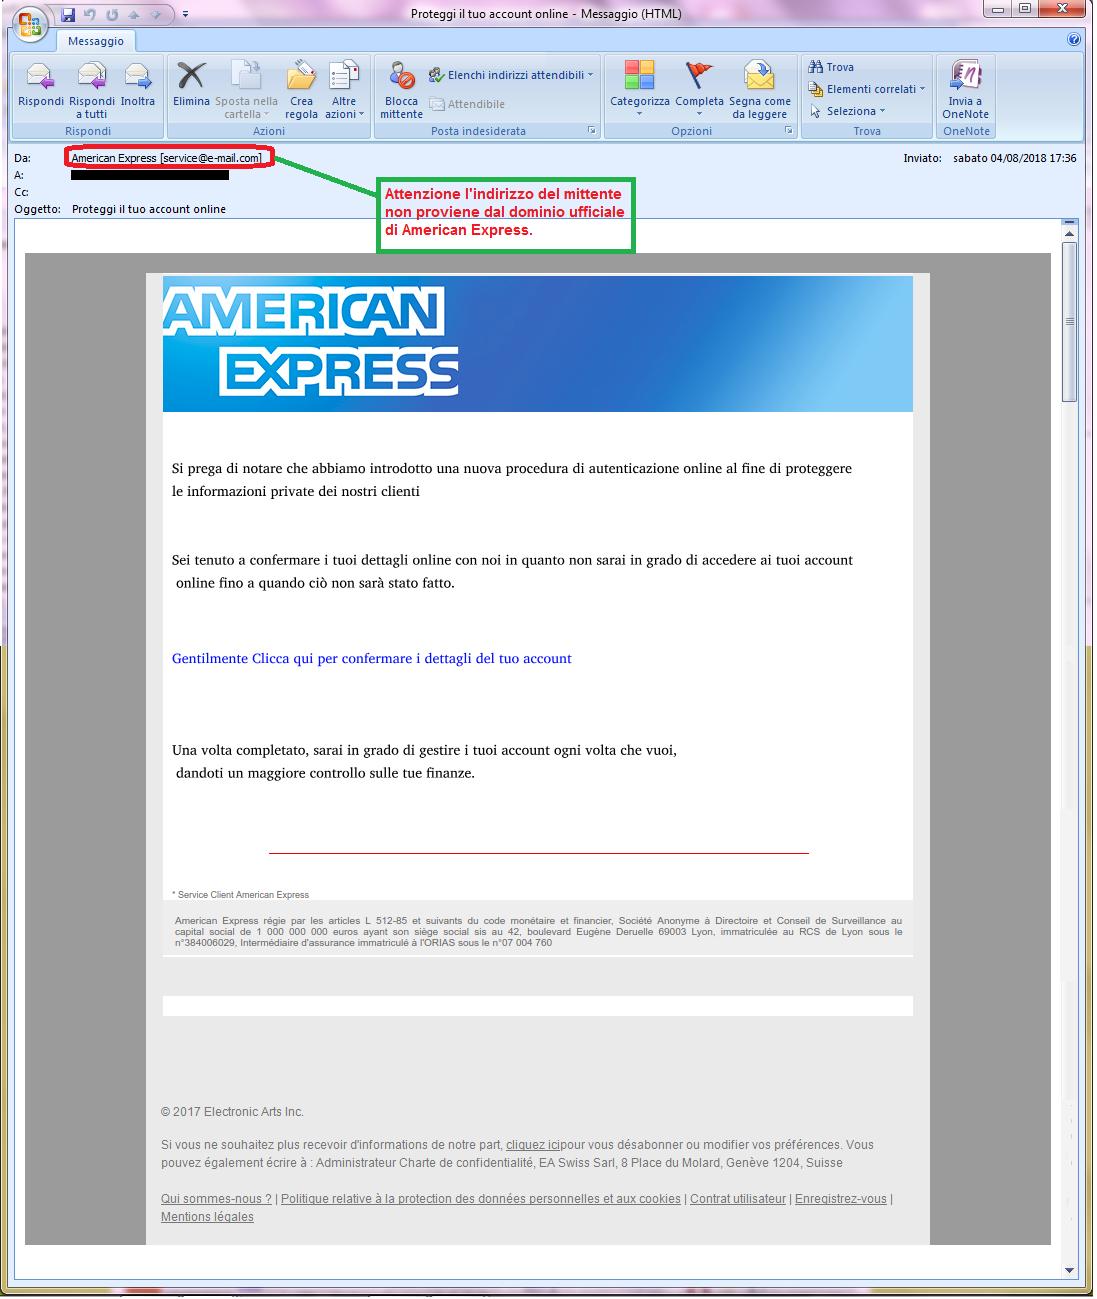 Clicca per ingrandire l'immagine della falsa e-mail di American Express, che cerca di rubare i codici della carta di credito dell'ignaro ricevente